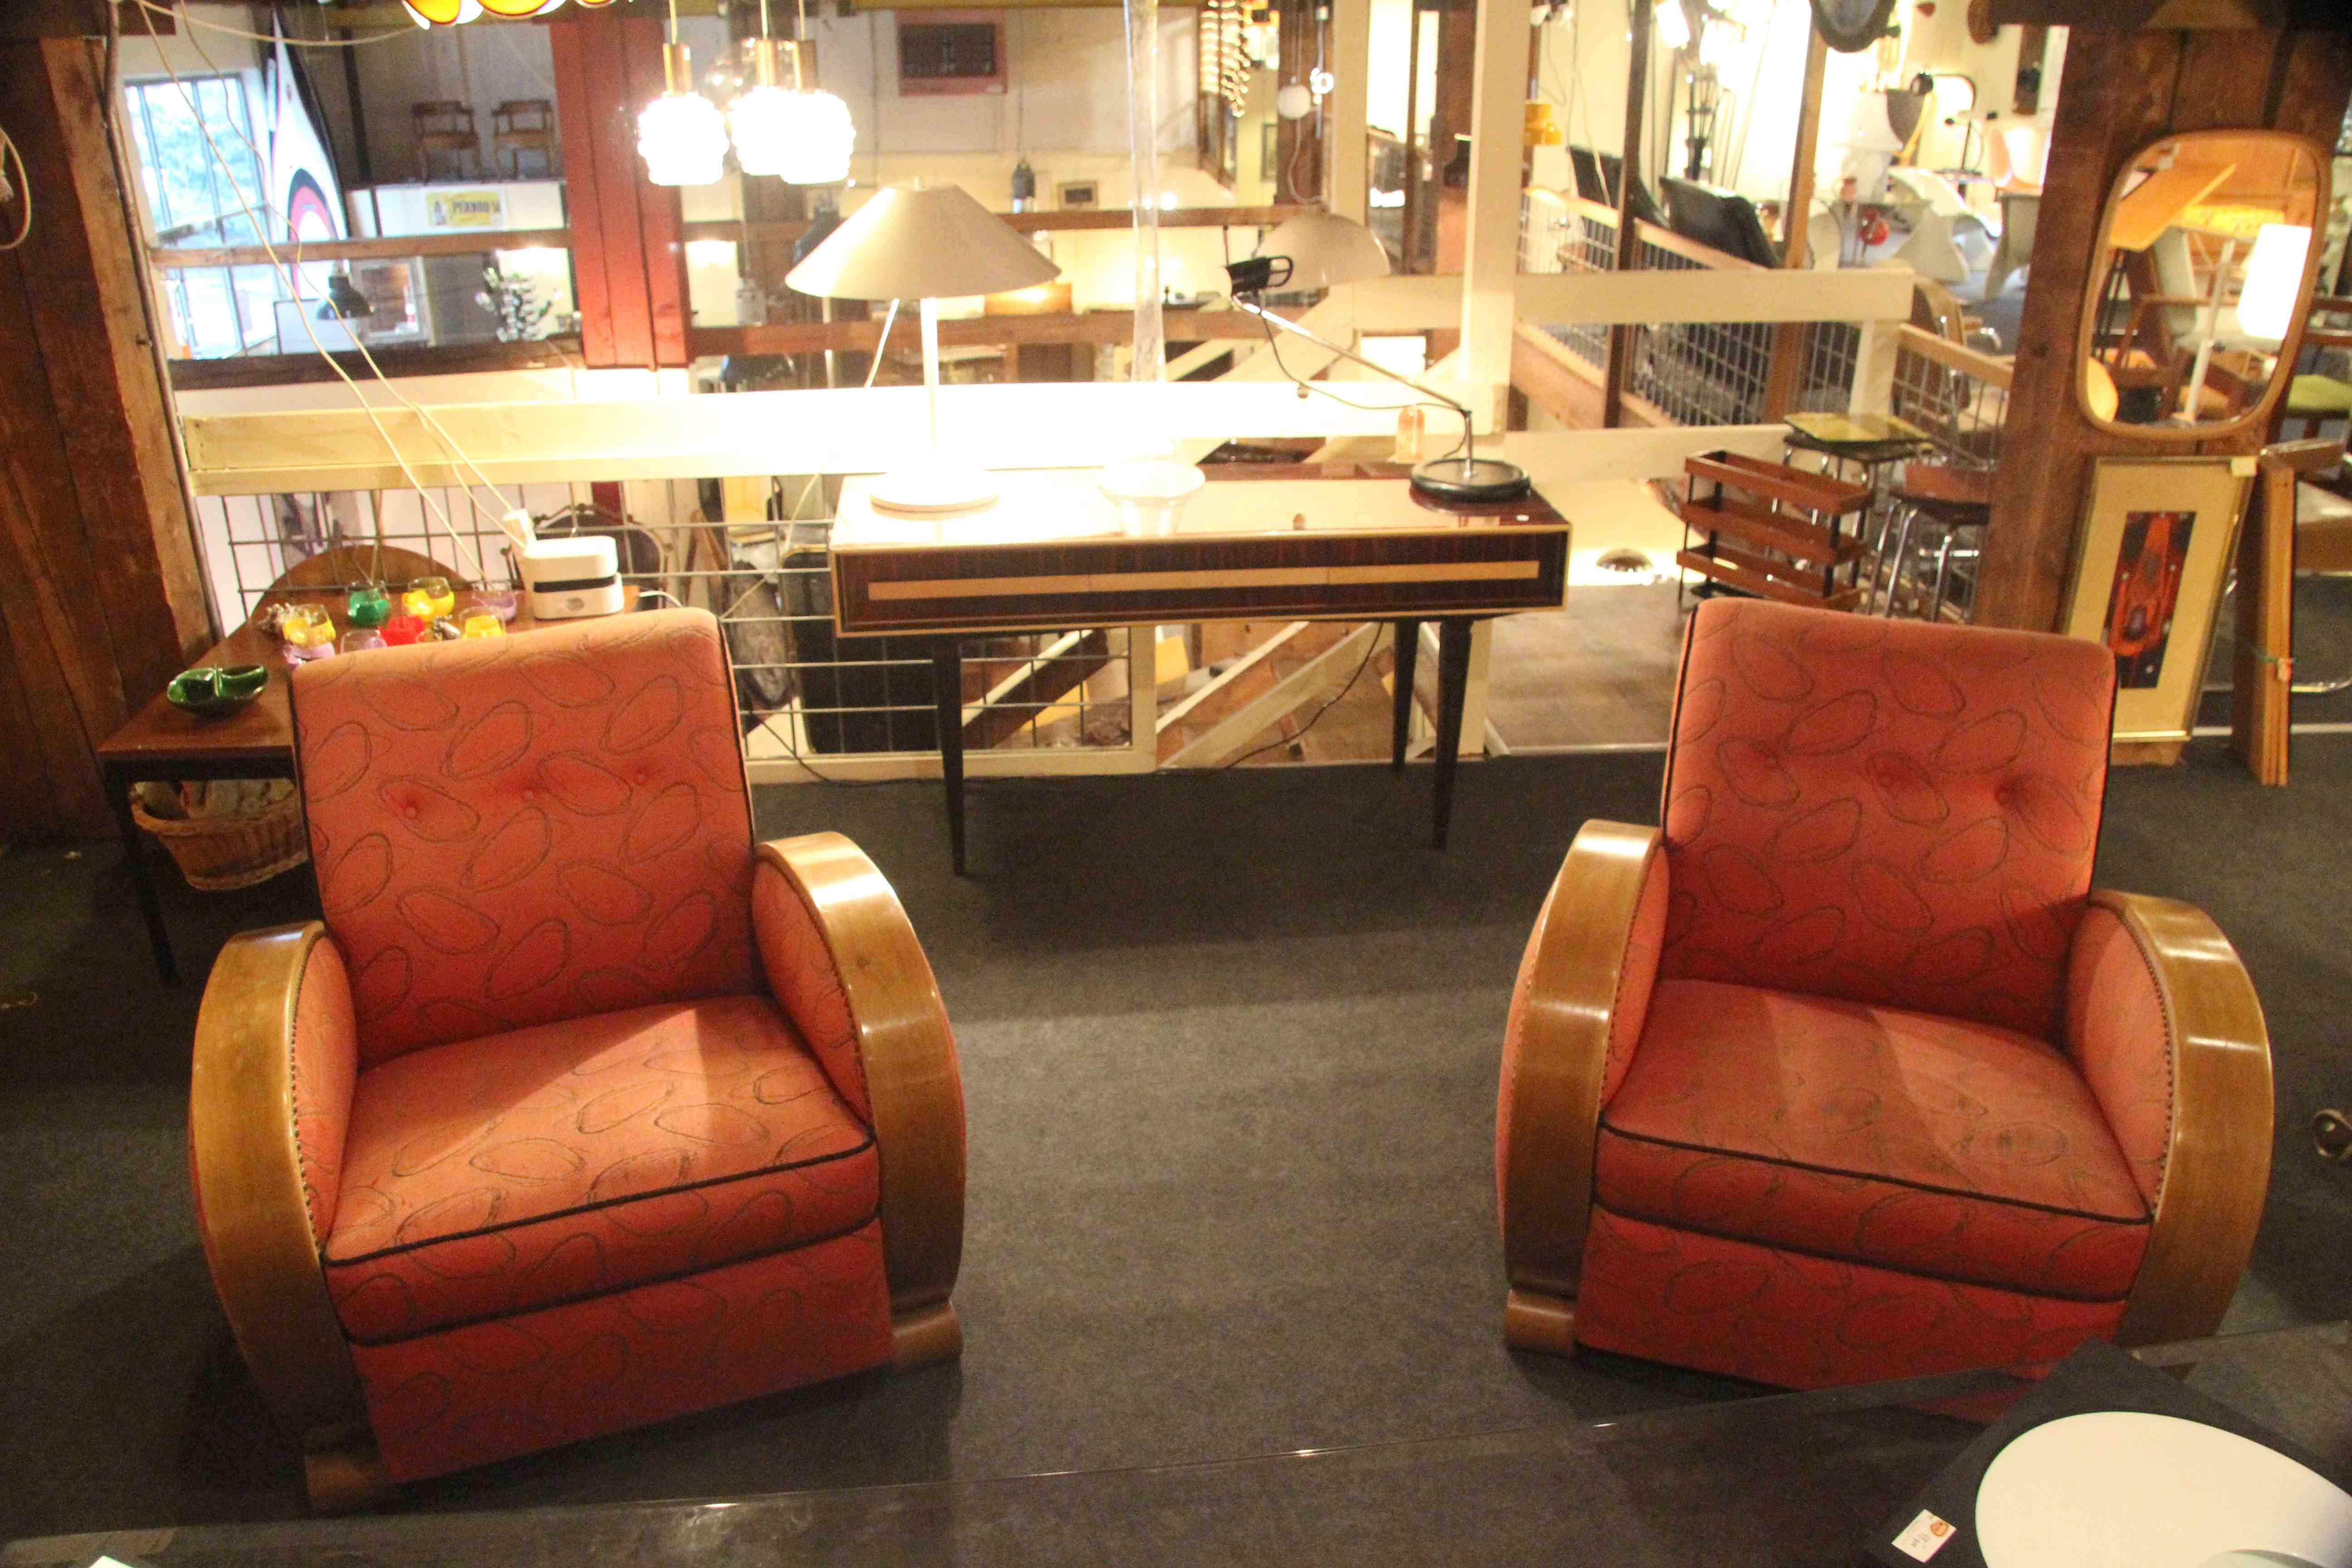 salon art deco deux fauteuils et un canap ref sl 1 esprit art d co vente meubles art d co. Black Bedroom Furniture Sets. Home Design Ideas